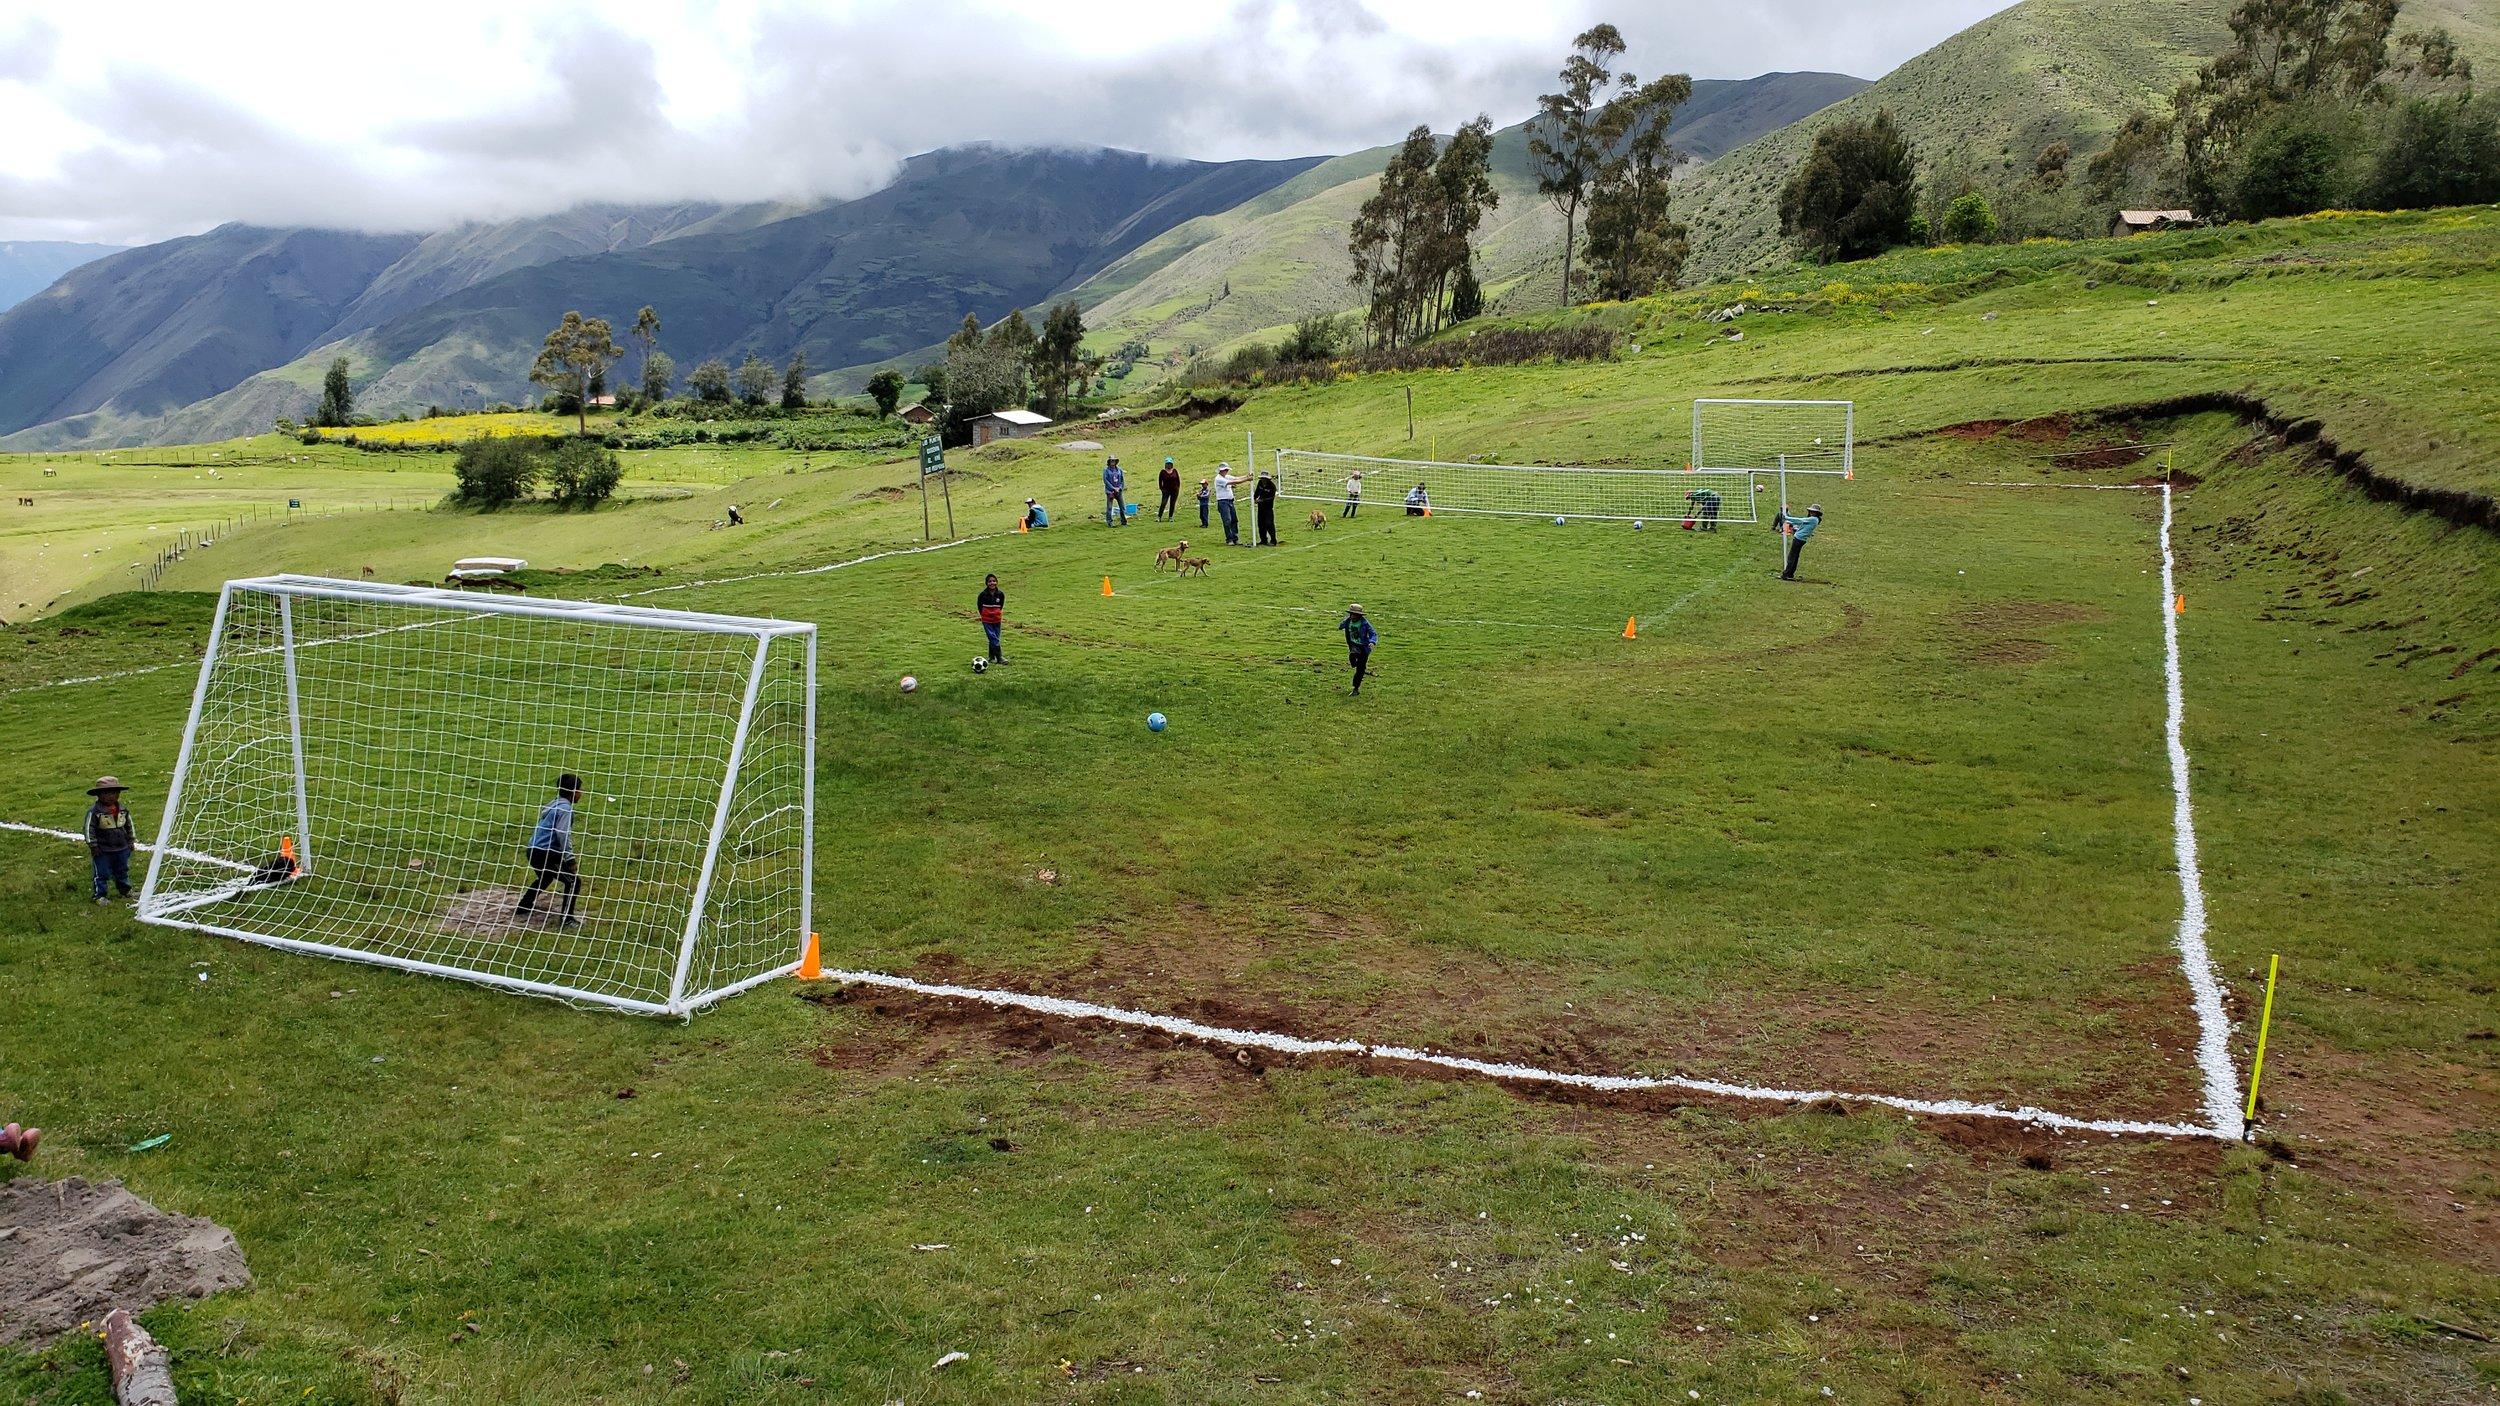 Soccer Field, Volleyball Court & Sandbox